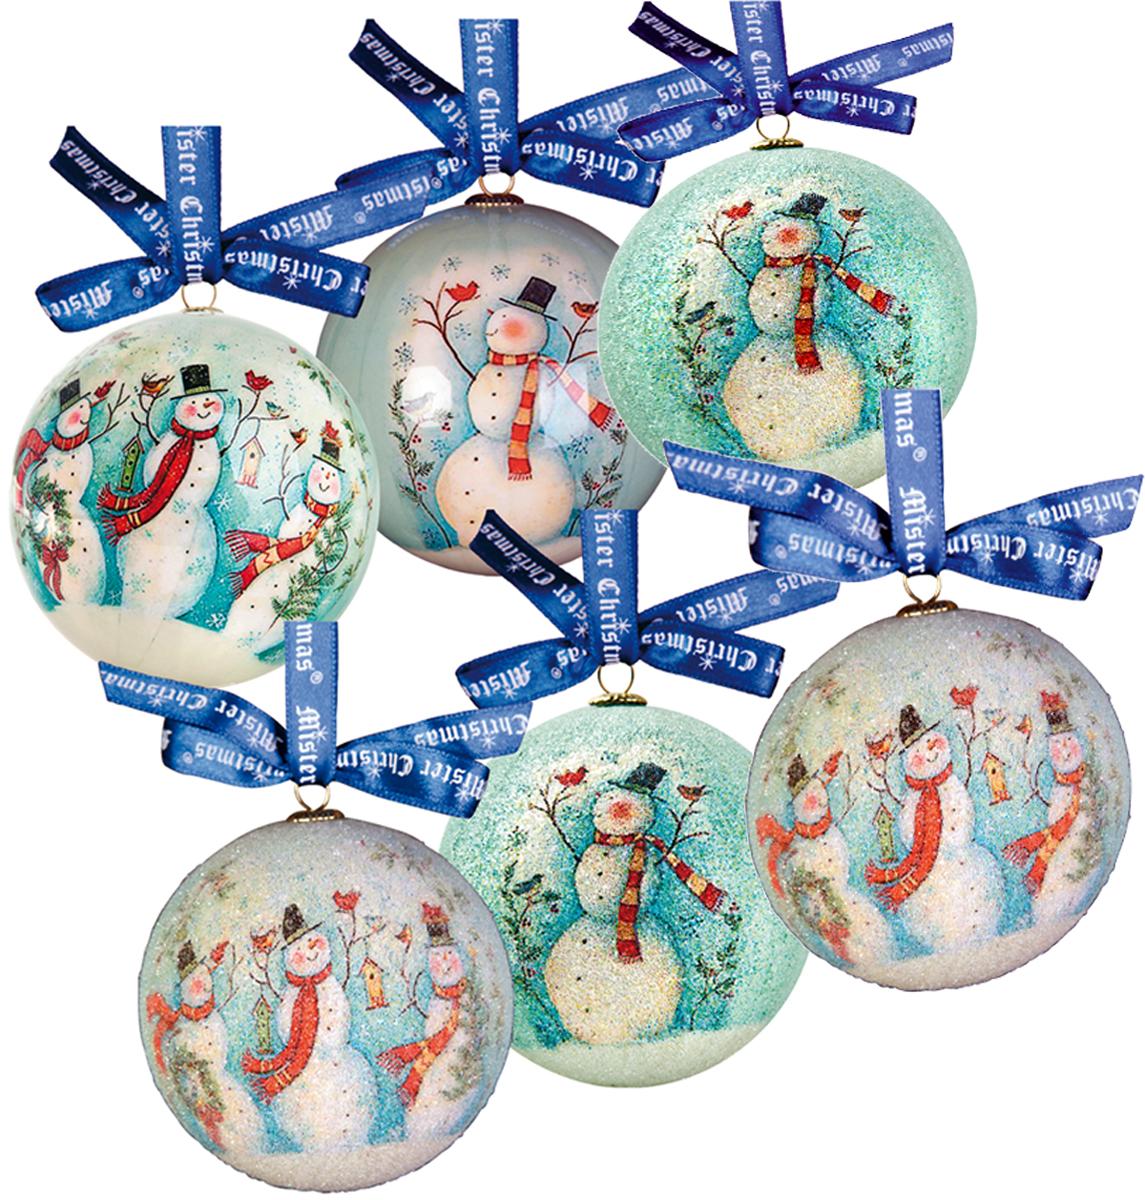 Набор новогодних подвесных украшений Mister Christmas Папье-маше, диаметр 7,5 см, 6 шт. PM-1-6PM-1-6Набор из 6 подвесных украшений Mister Christmas Папье-маше прекрасно подойдет для праздничного декора новогодней ели. Изделия, выполненные из бумаги и покрытые несколькими слоями лака, очень прочные и легкие. Такие шары создадут единый стиль в оформлении не только ели, но и интерьера вашего дома. В наборе игрушки имеют глянцевую поверхность и покрытые мелкой пластиковой крошкой. Все изделия оснащены атласной ленточкой с логотипом бренда Mister Christmas для подвешивания. Такие украшения станут превосходным подарком к Новому году, а также дополнят коллекцию оригинальных новогодних елочных игрушек.